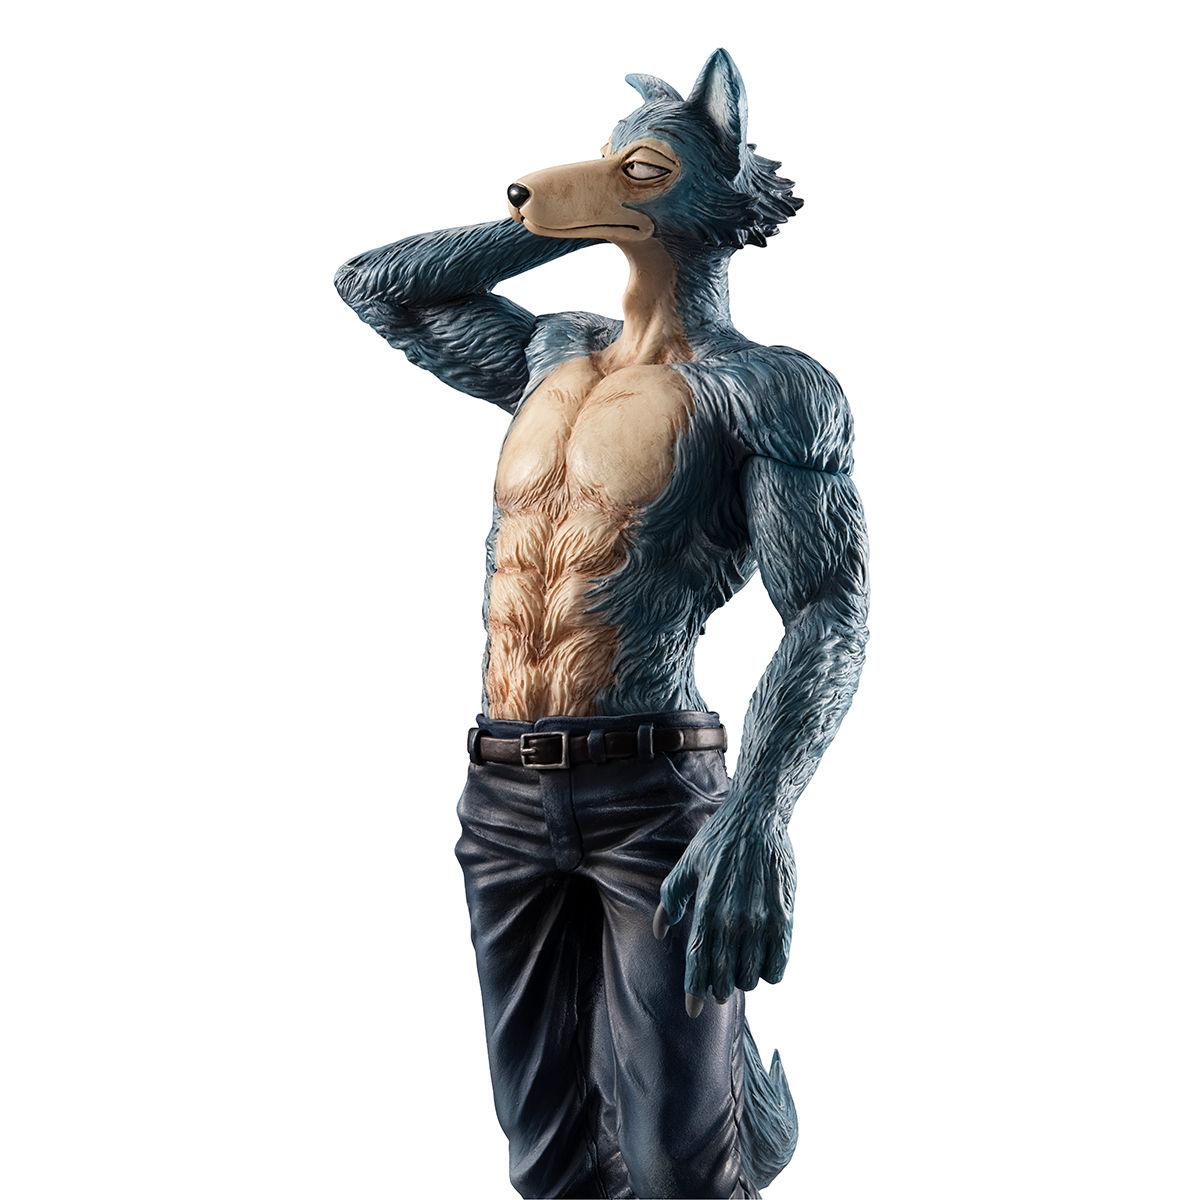 【限定販売】BEASTARS『ハイイロオオカミのレゴシ』1/8 完成品フィギュア-009